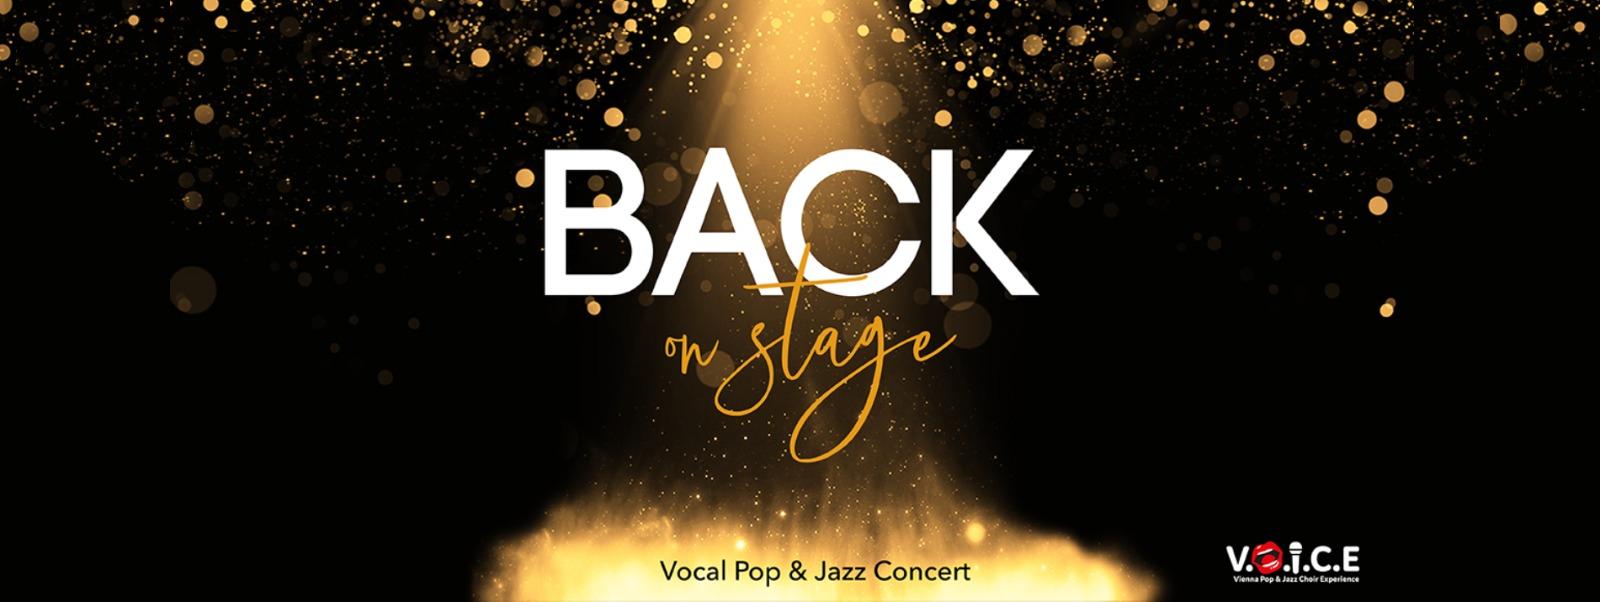 V.O.I.C.E Back On Stage